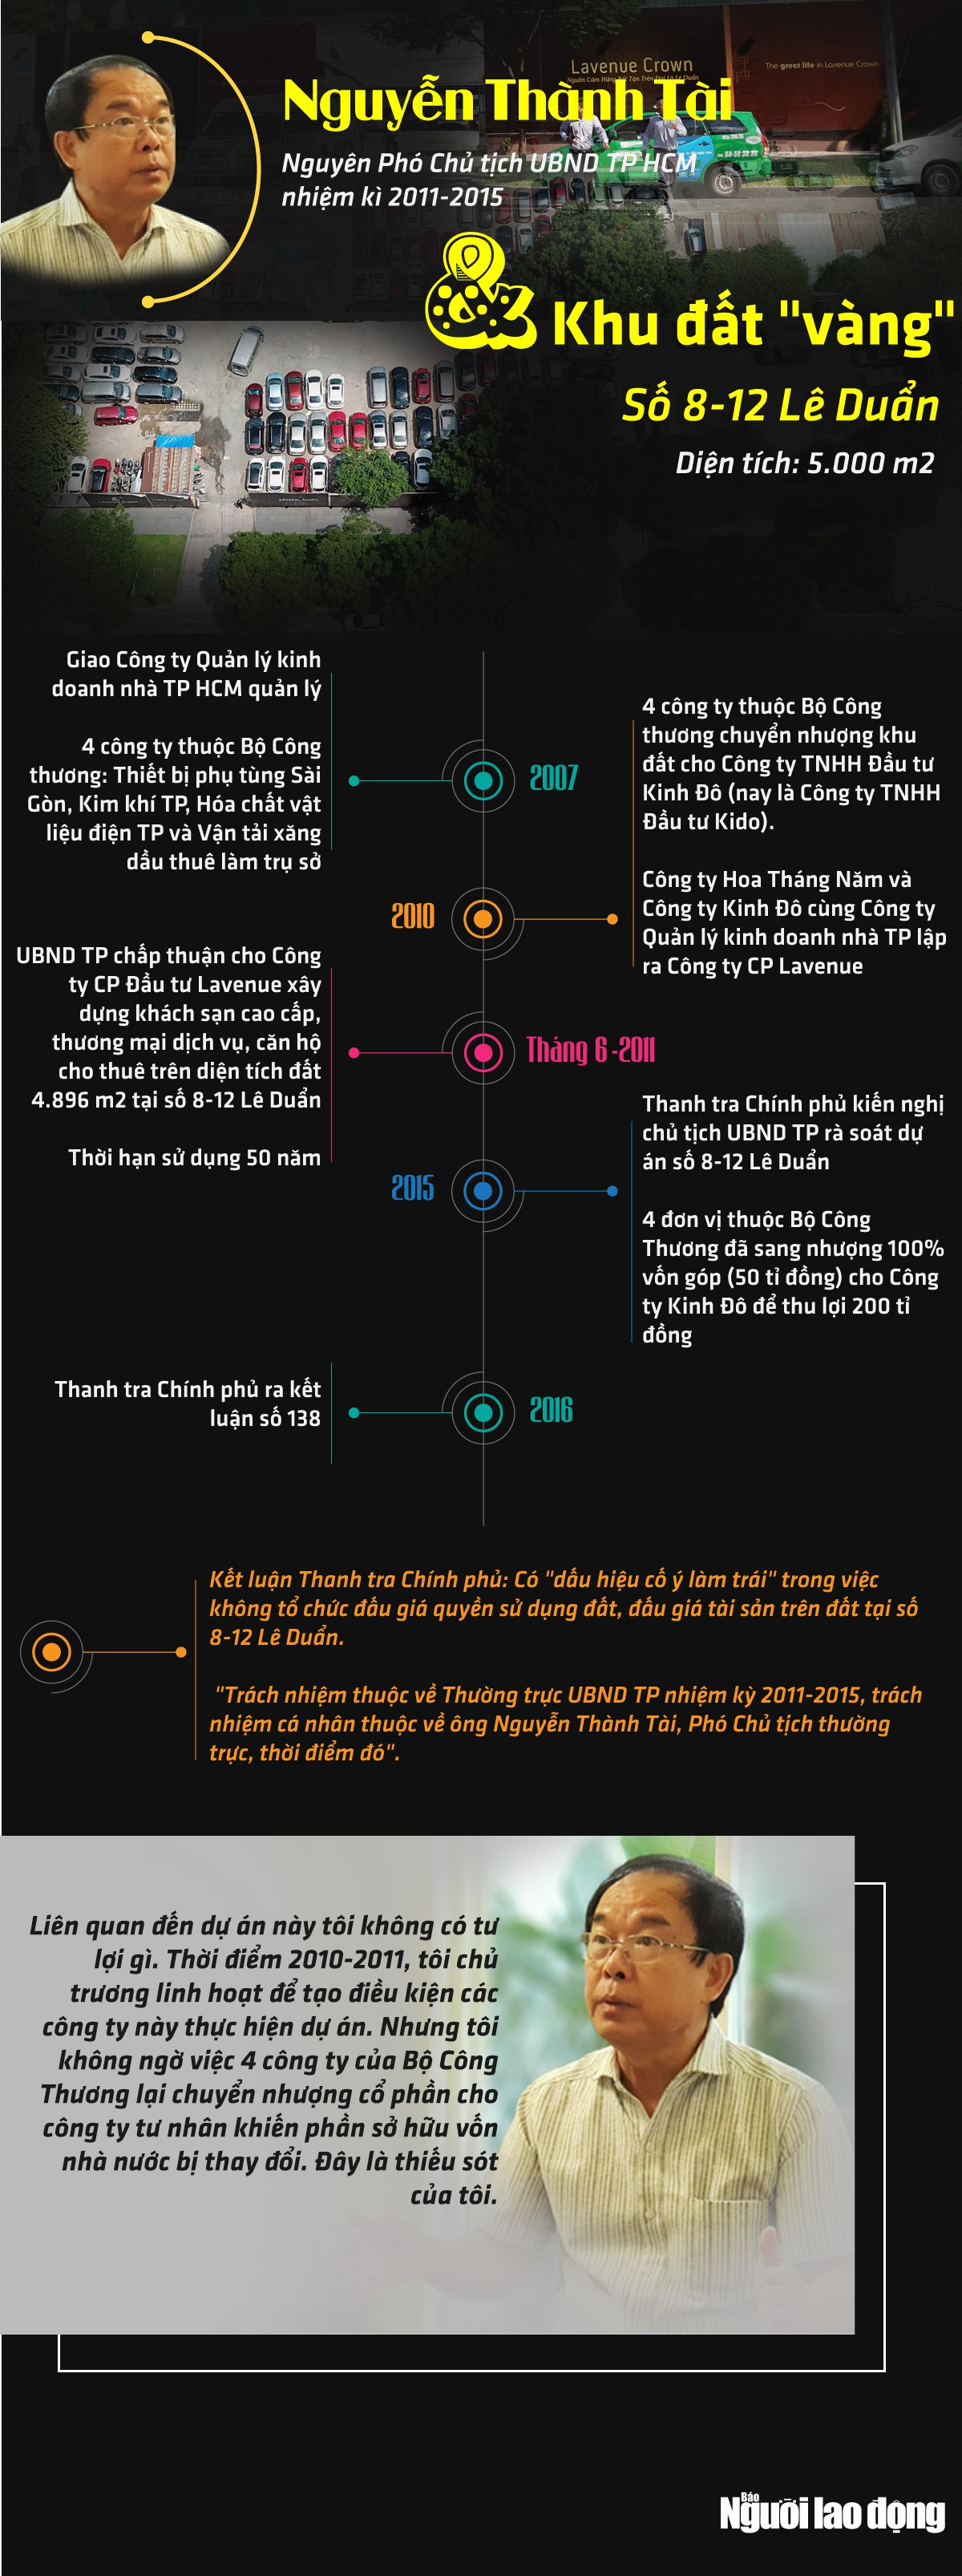 [Infographic] - Ông Nguyễn Thành Tài và khu đất vàng 8-12 Lê Duẩn - Ảnh 1.